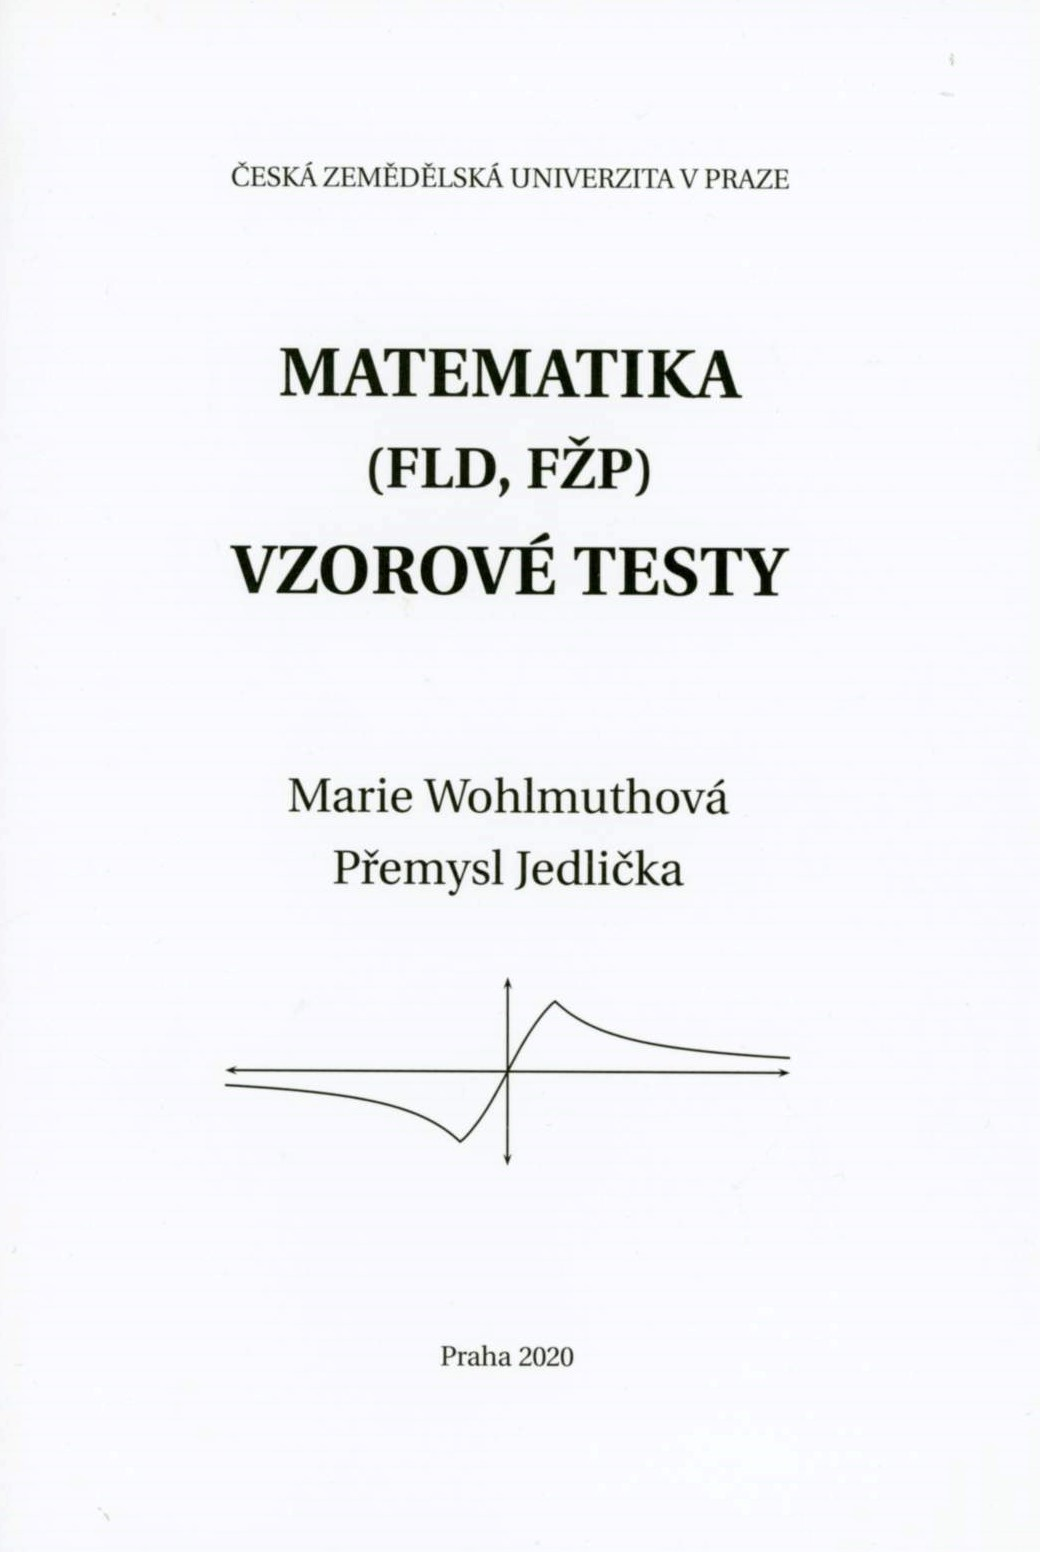 Matematika (FLD, FŽP) - vzorové testy